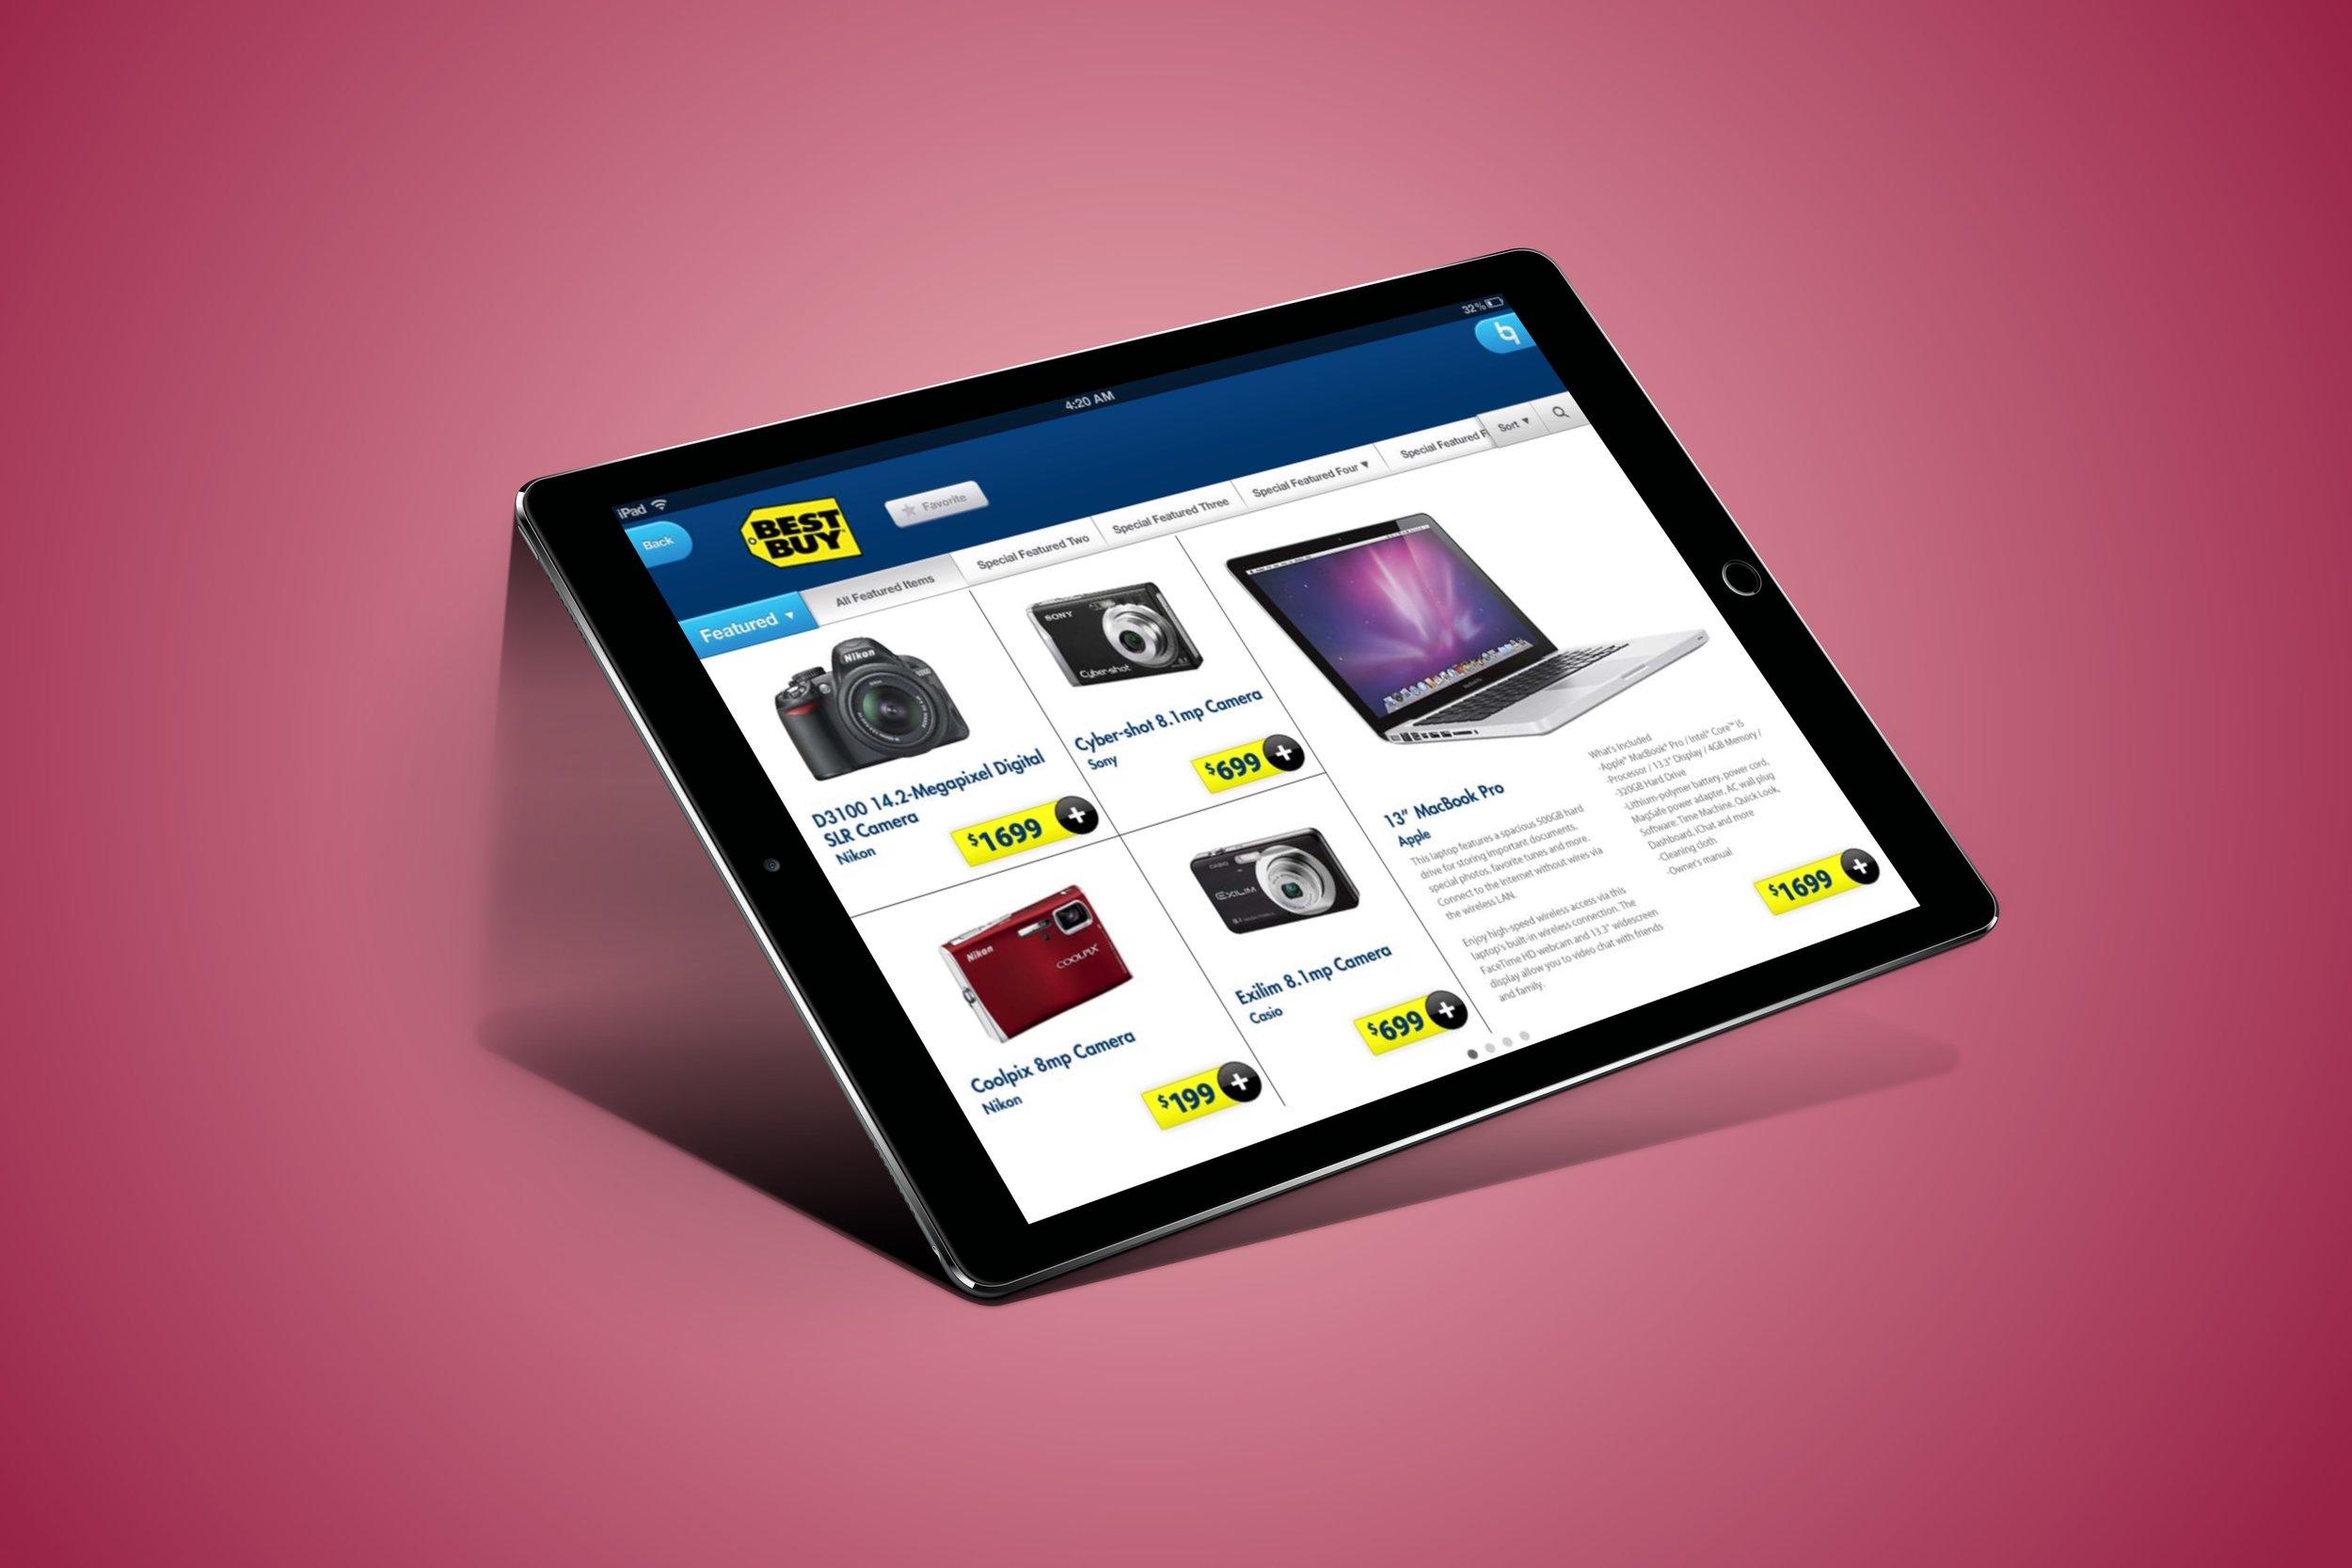 Buyou for iPad (2012)